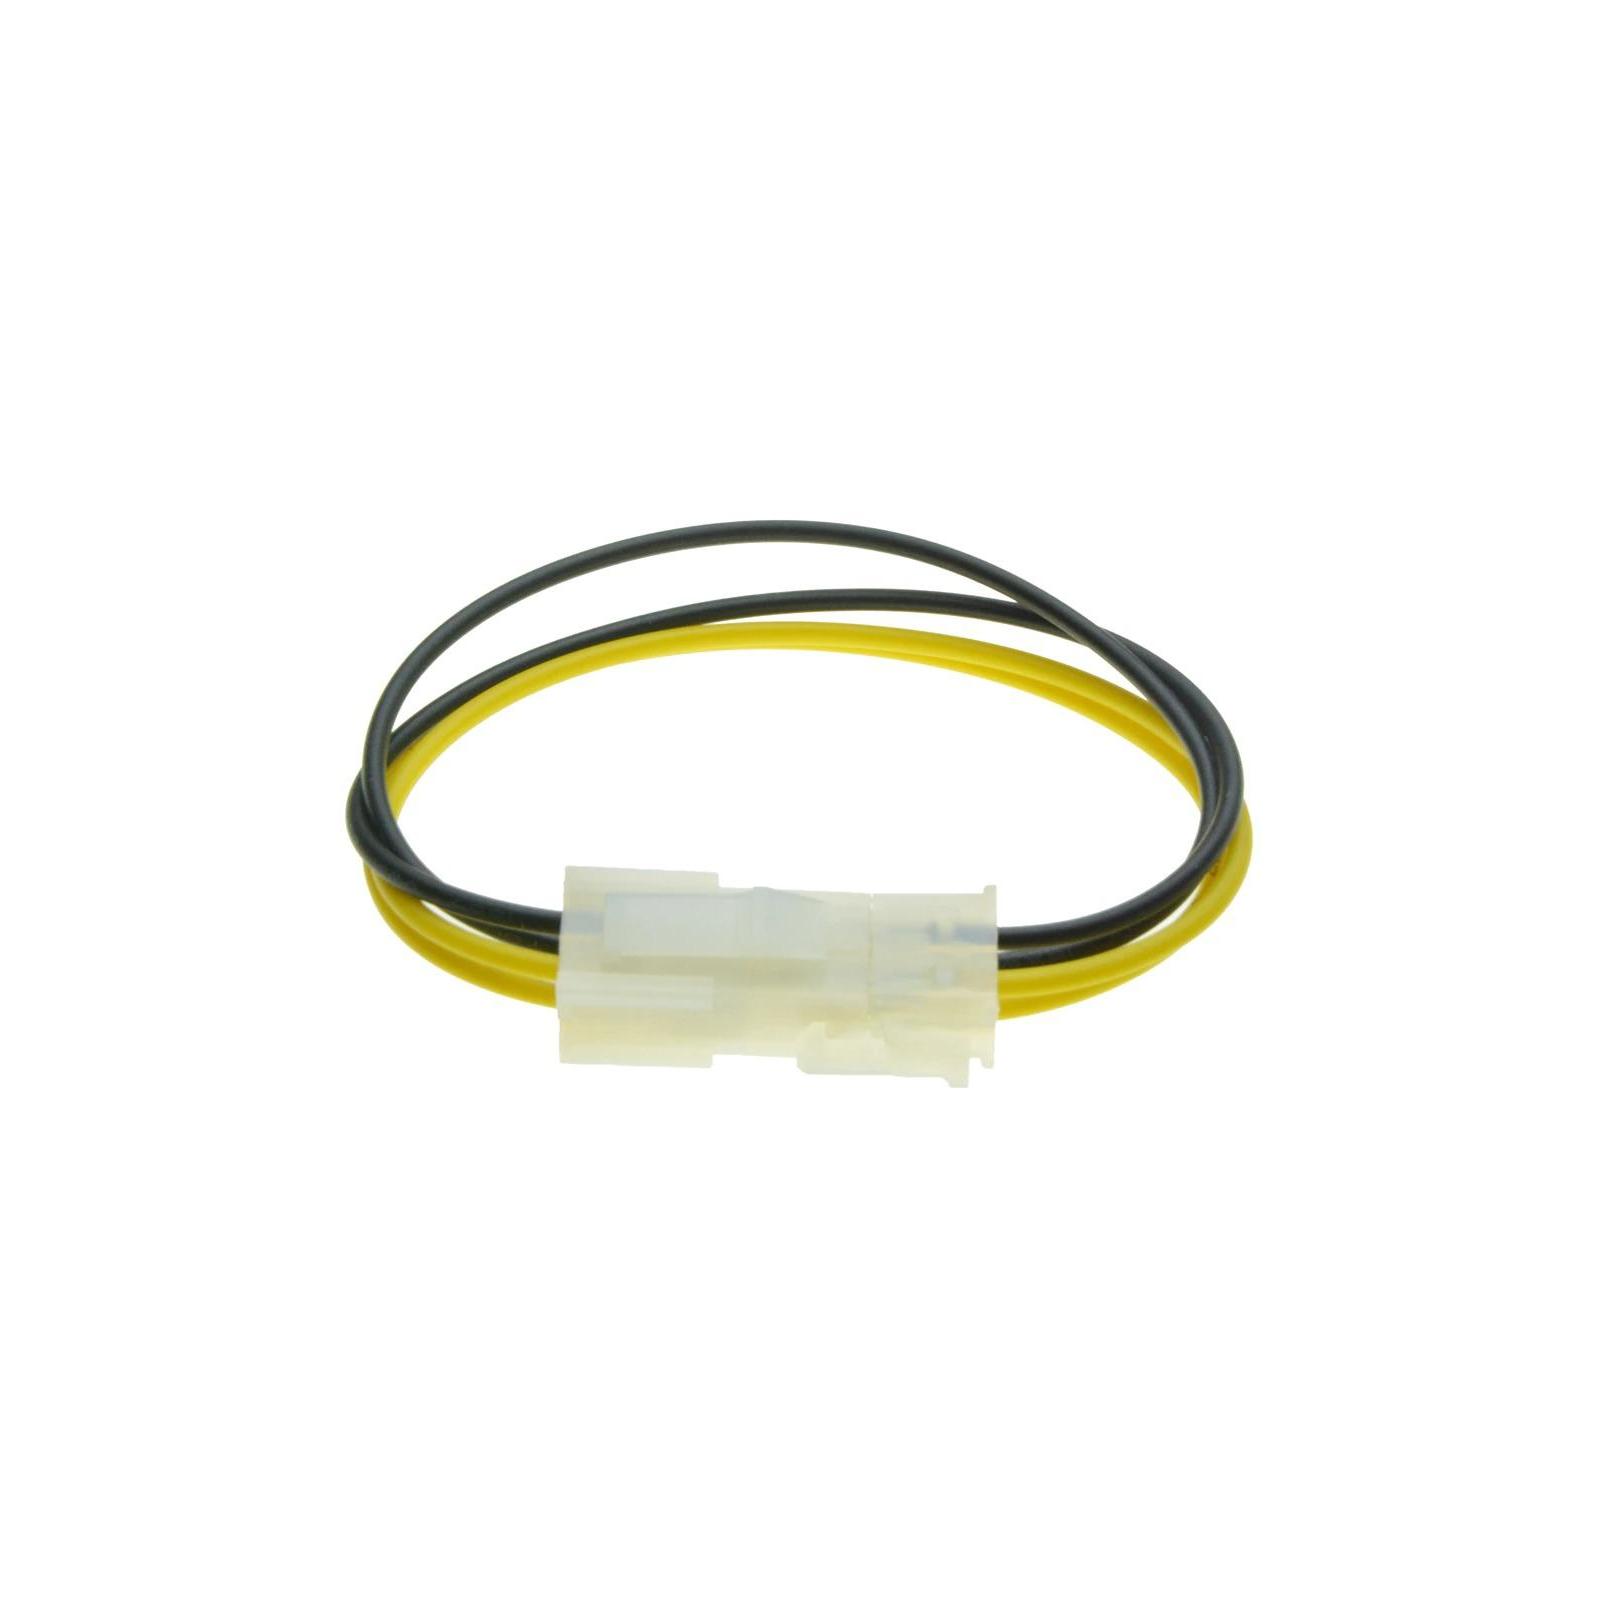 Сетевой удлинитель Cablexpert 4Pin питания ПРОЦЕССОРА (ATX 12 В P4) изображение 2